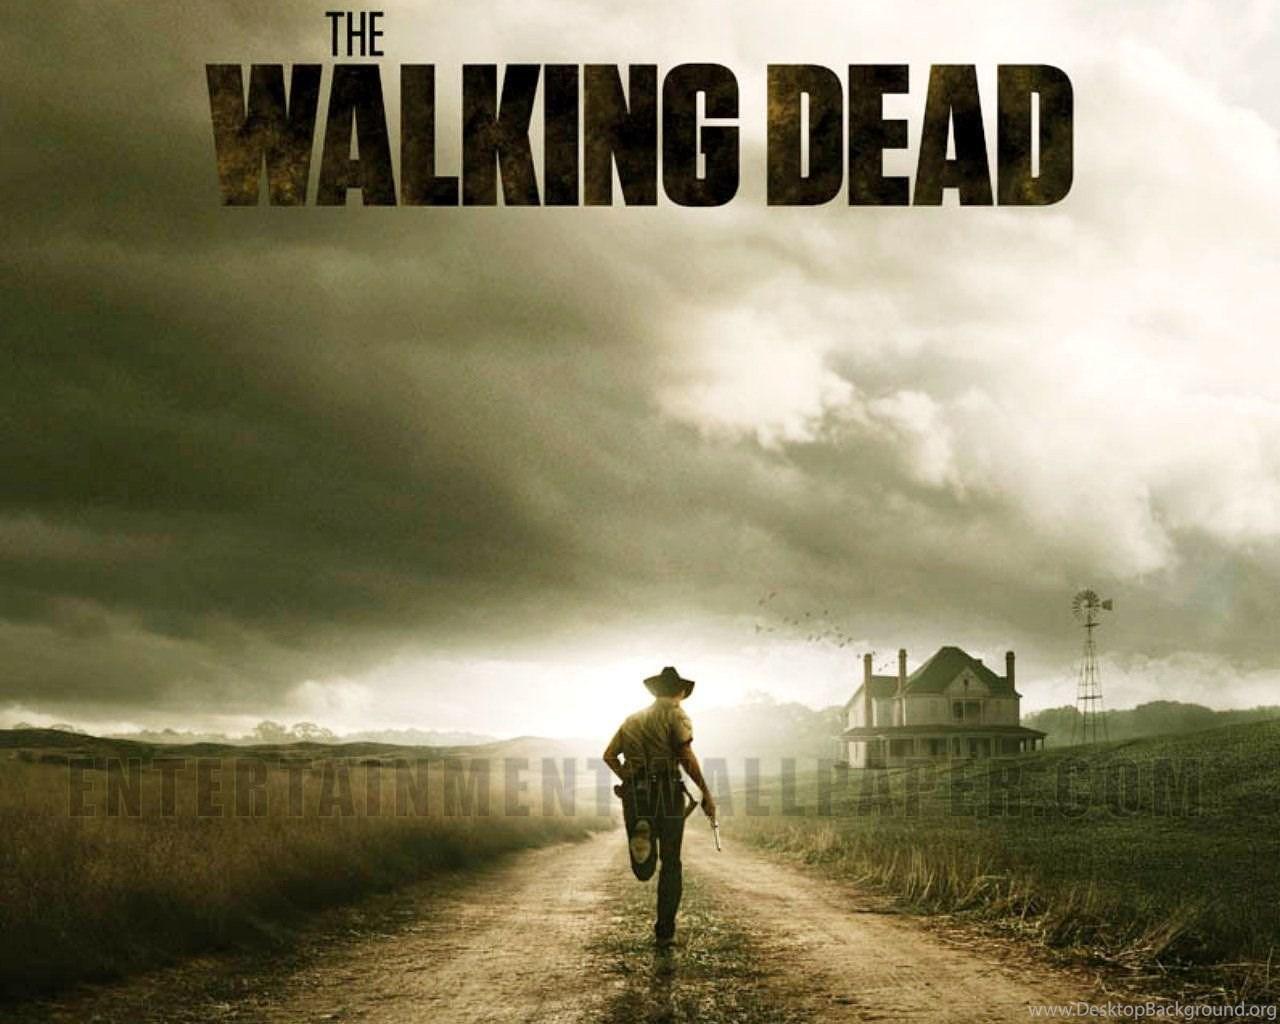 The Walking Dead Wallpapers Desktop Background